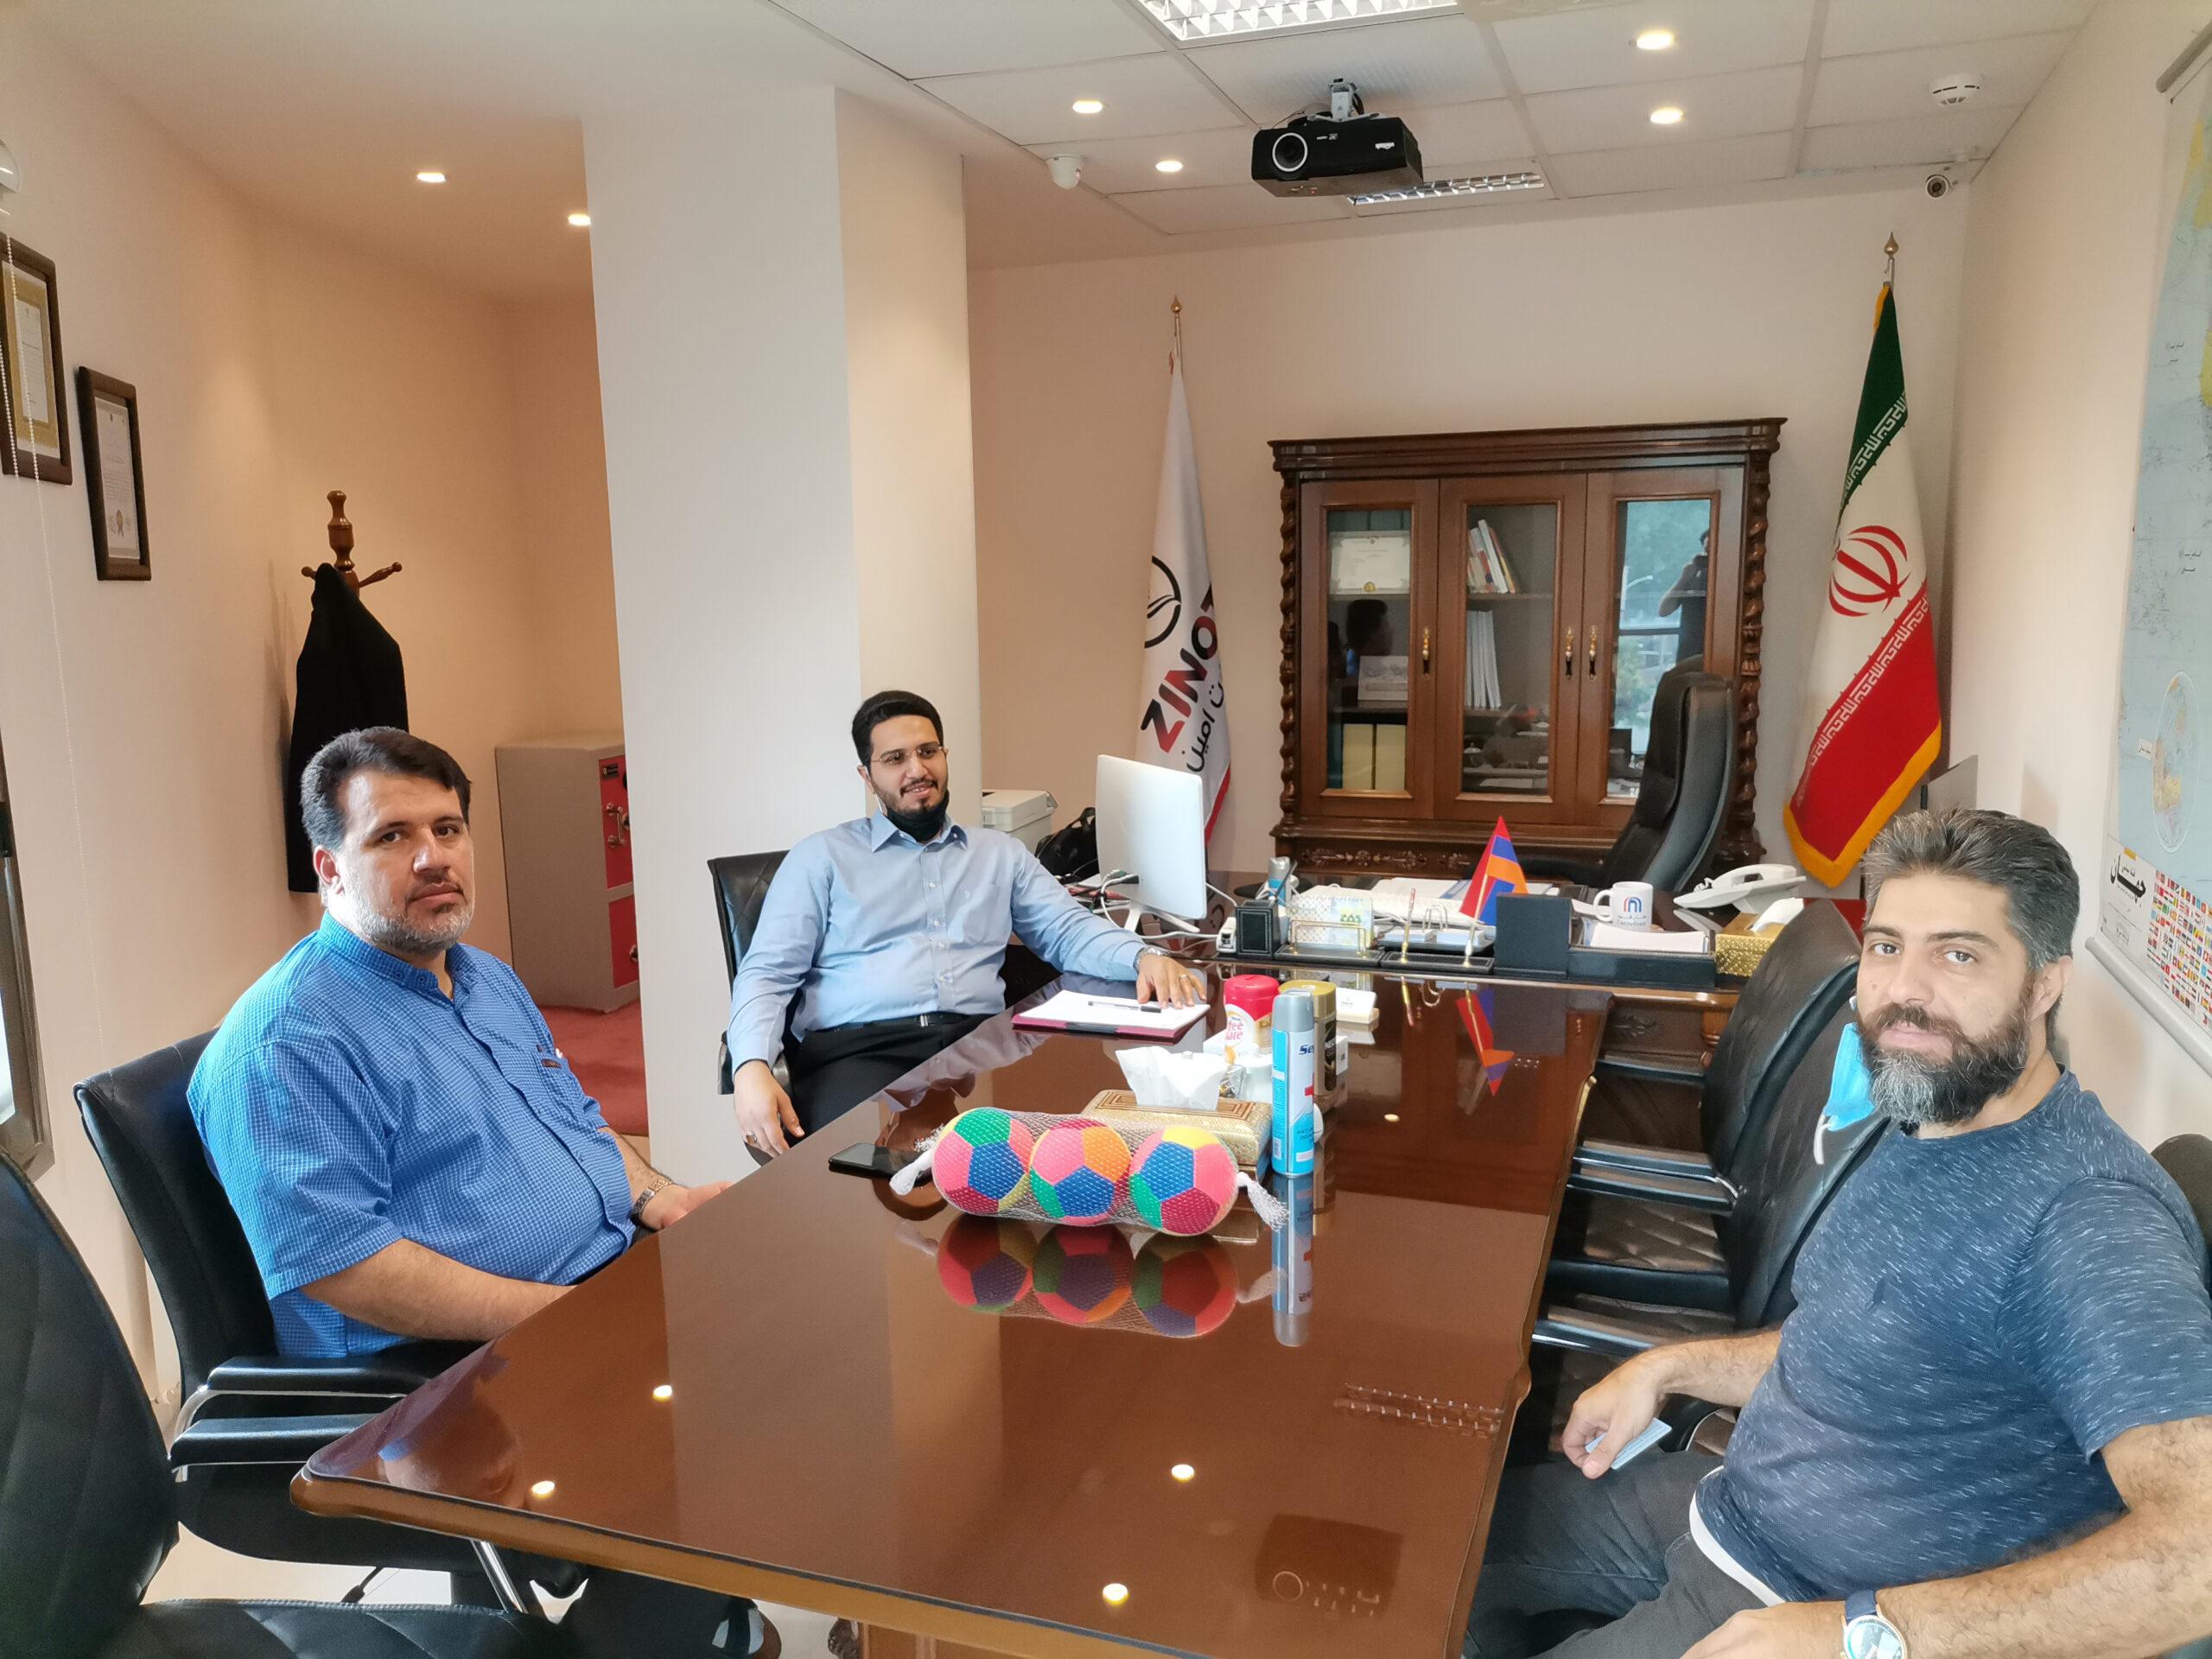 نشست هیئت مدیره زینو تجارت امین با آقای بهشاد بیگدلی مدیر عامل مجموعه تولیدی توپ شاهین بال